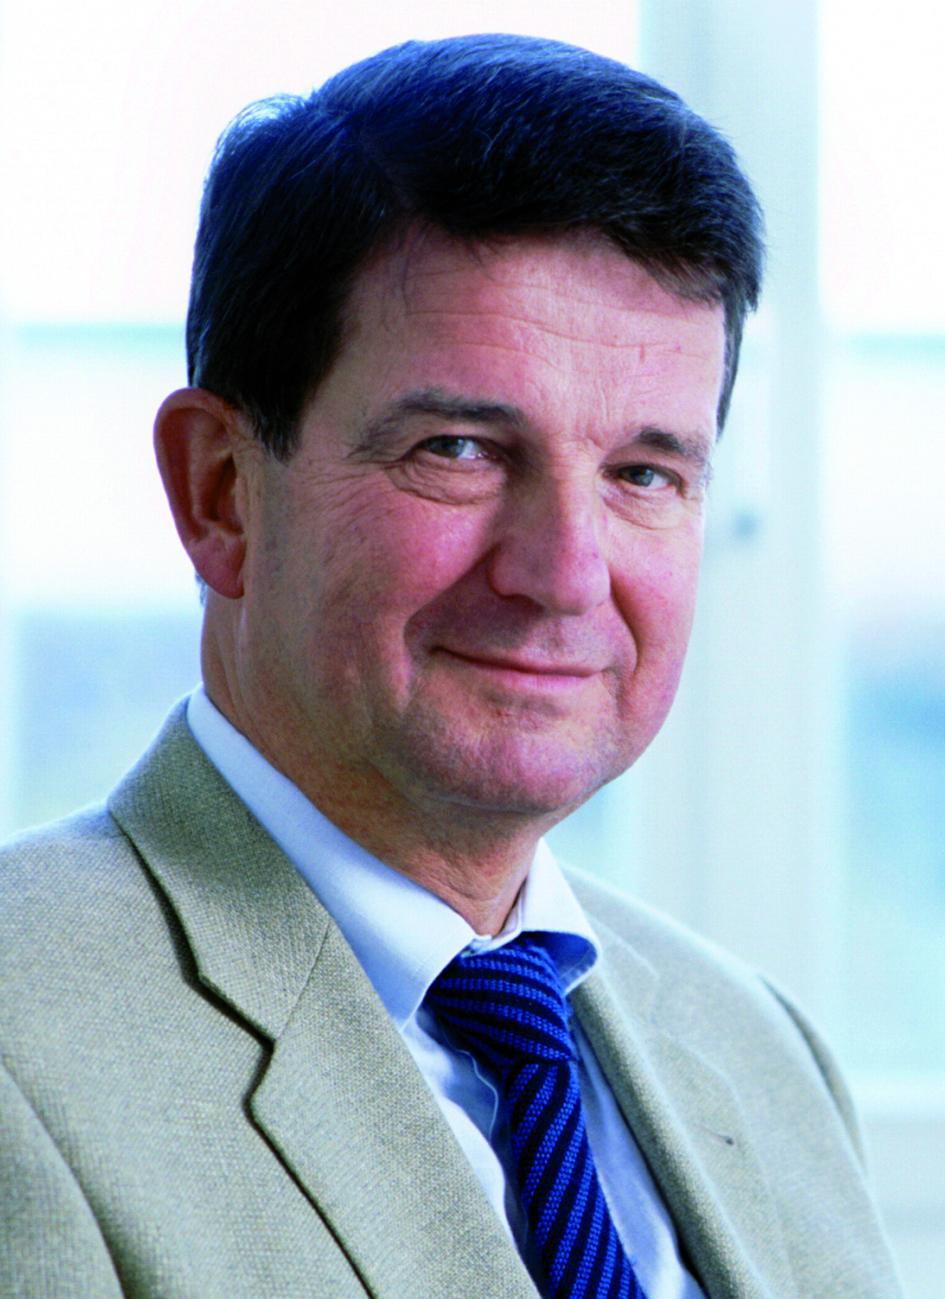 Portraitfoto von Herrn Rolf Sauer.